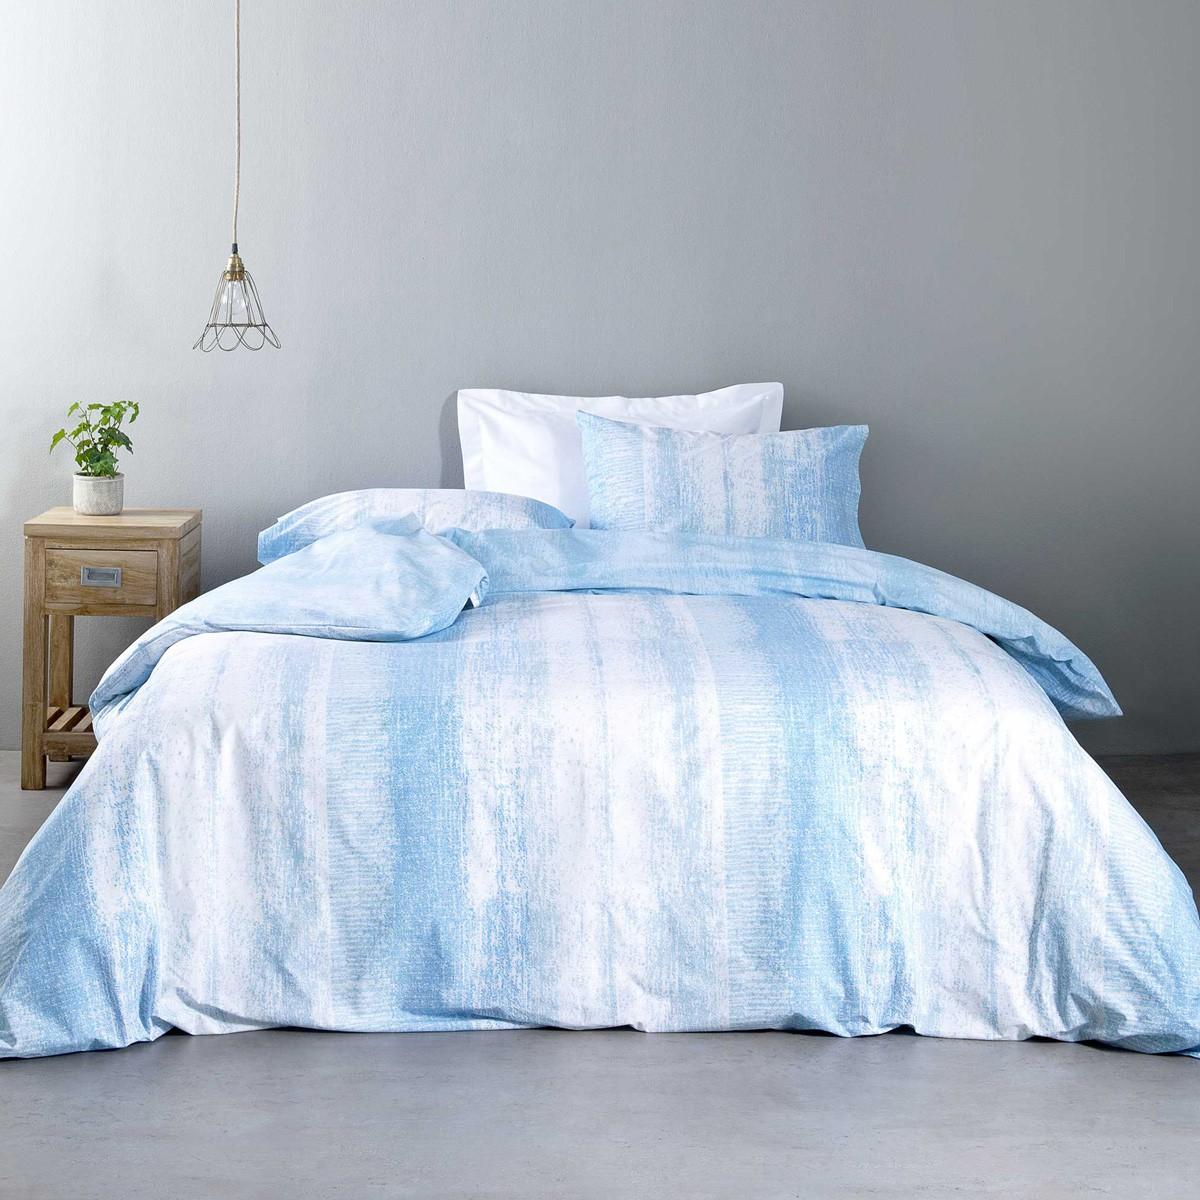 Σεντόνια Υπέρδιπλα (Σετ) Nima Bed Linen Battisti Blue